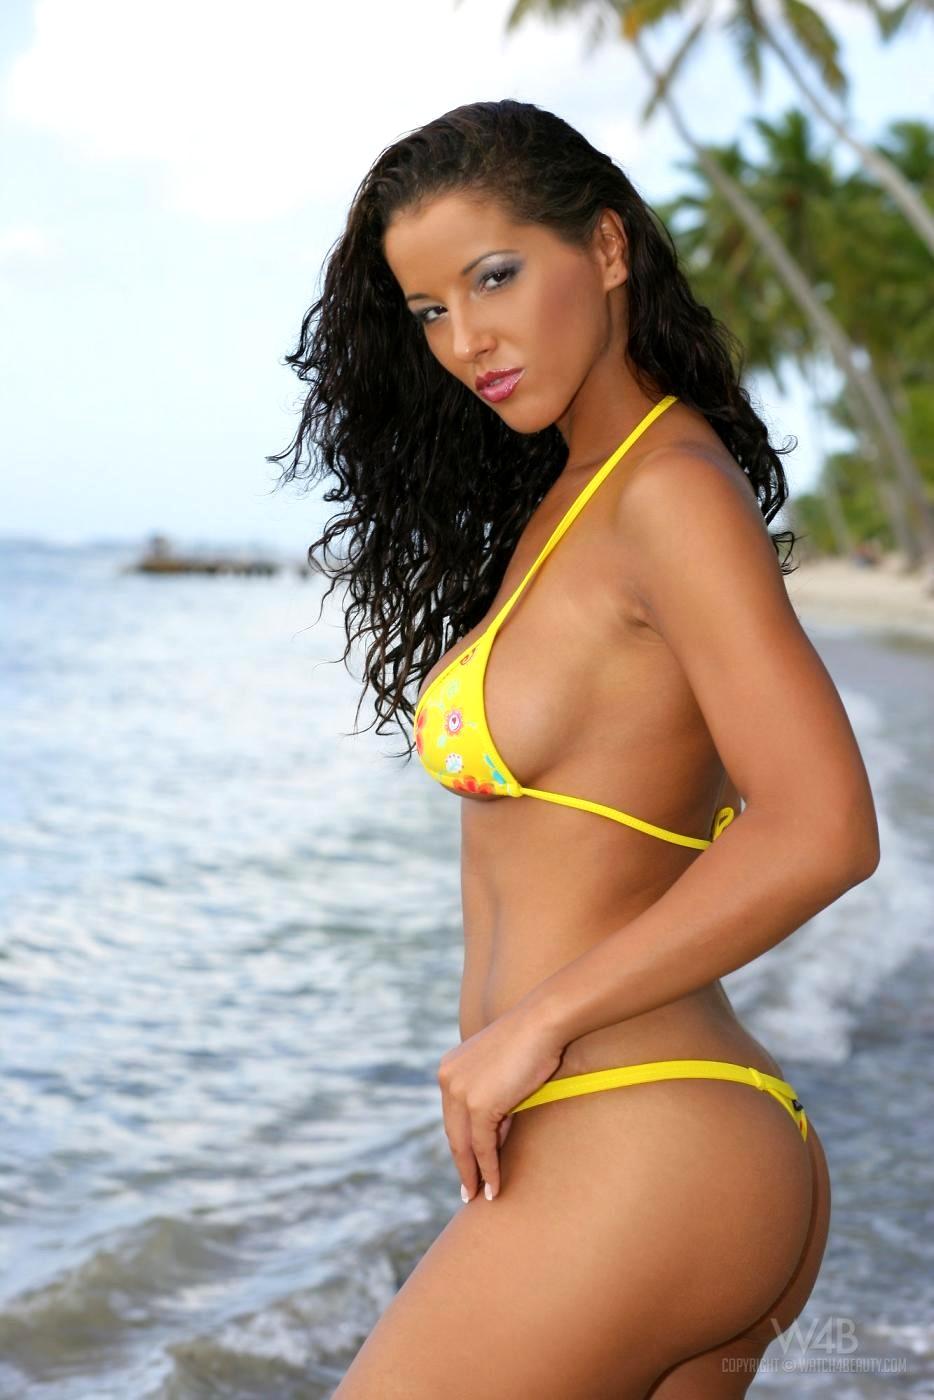 bobbie yellow bikini vto jpg 422x640